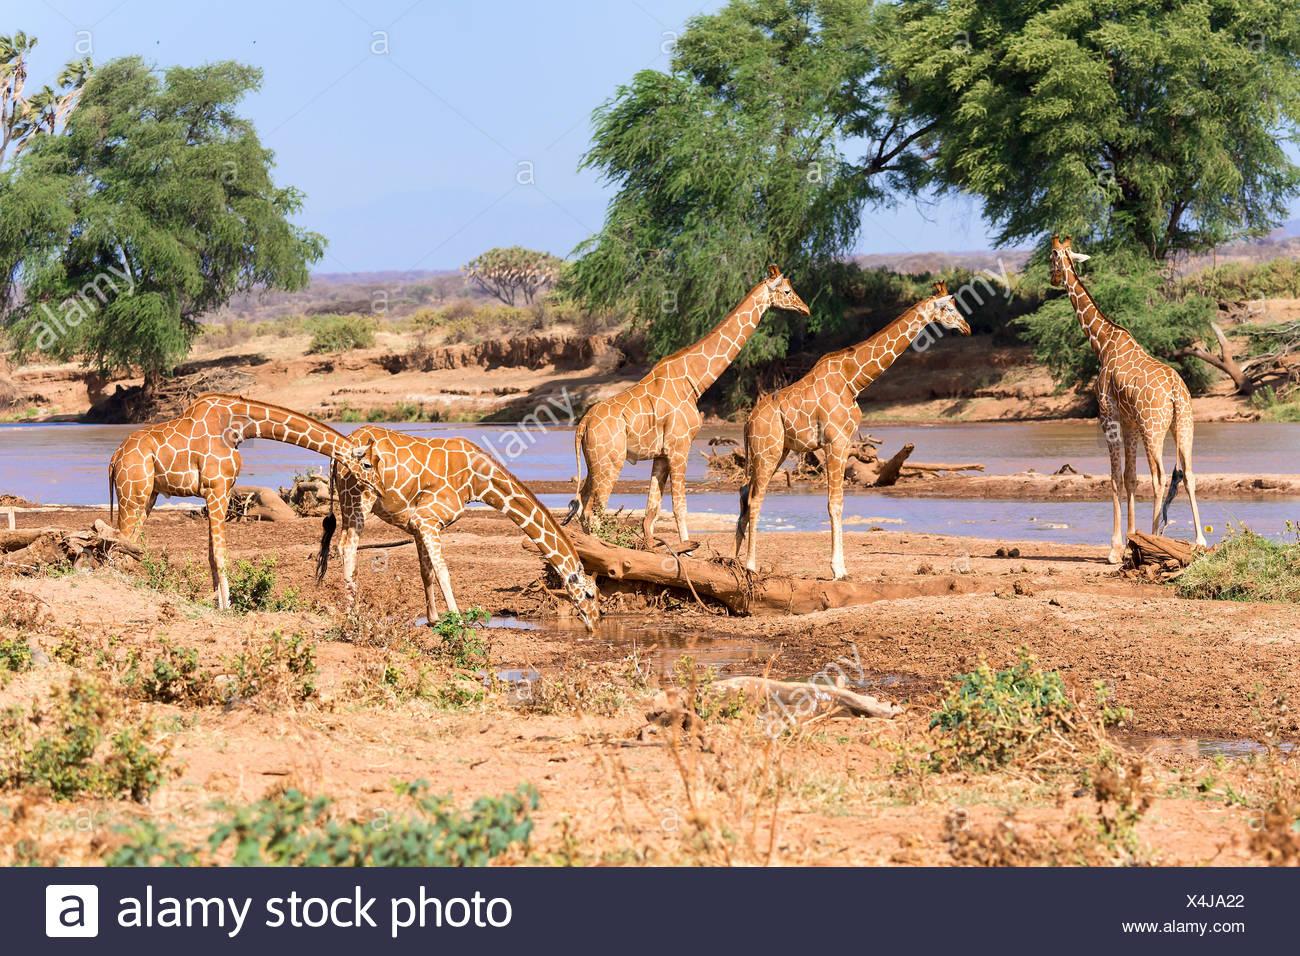 Les Girafes réticulée ou Somali girafes (Giraffa camelopardalis reticulata) boire à la rivière, la réserve nationale de Samburu, Kenya Banque D'Images